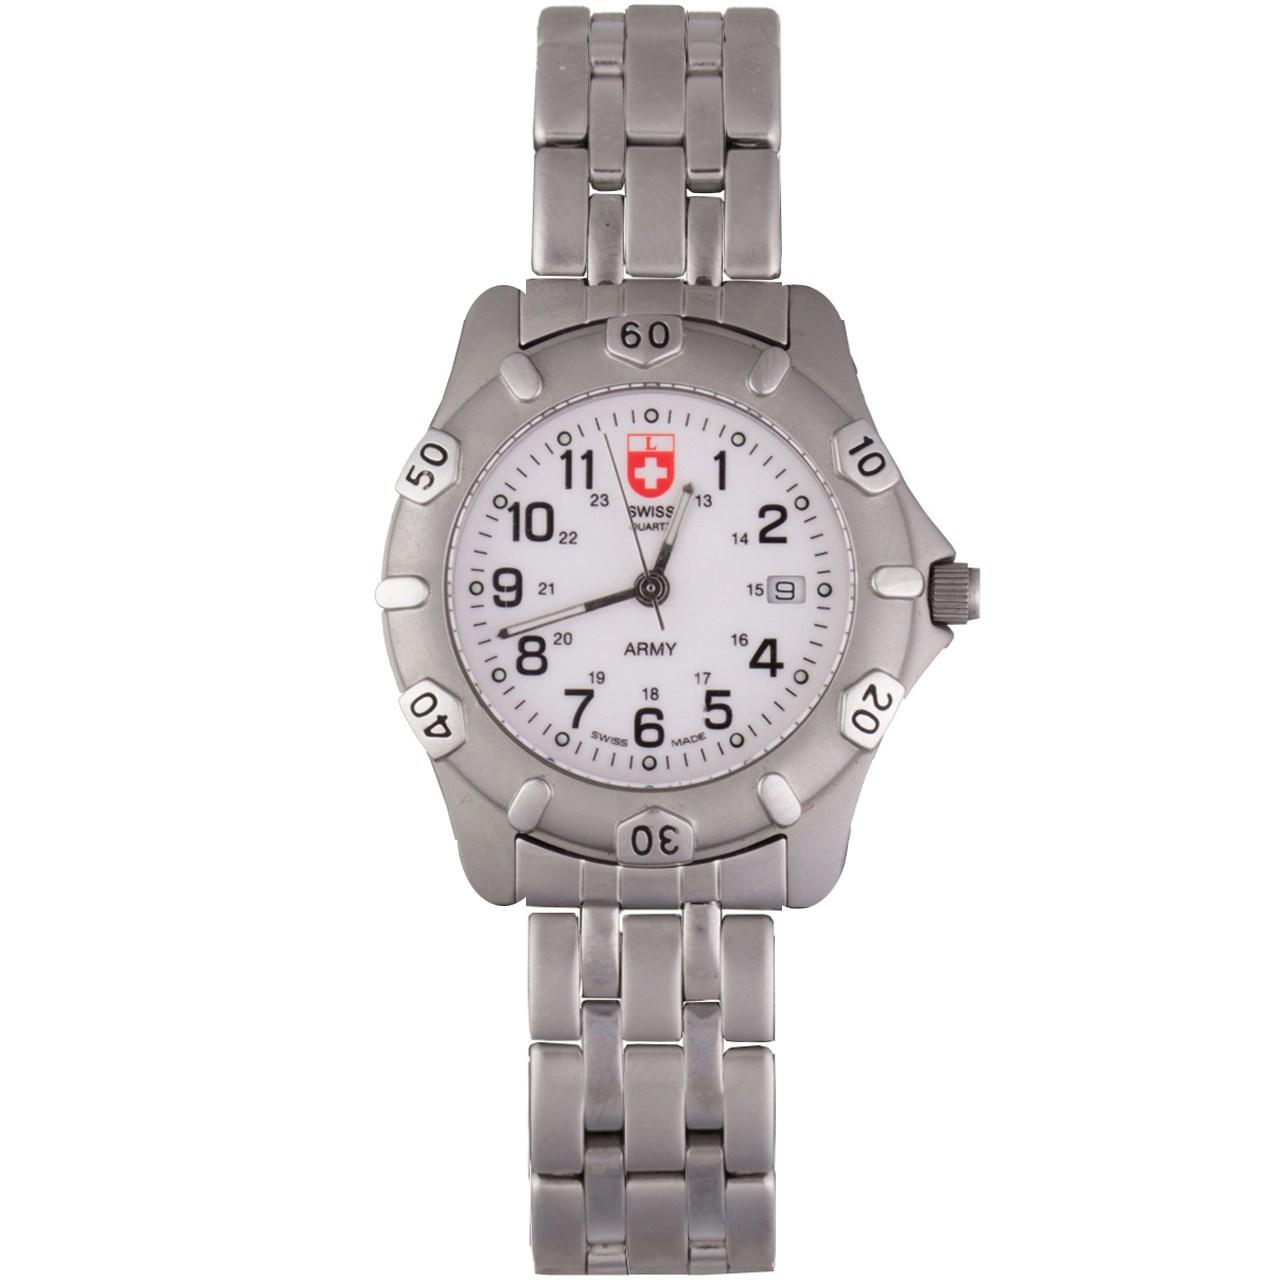 ساعت زنانه برند سوئیس آرمی مدل 1271LMW